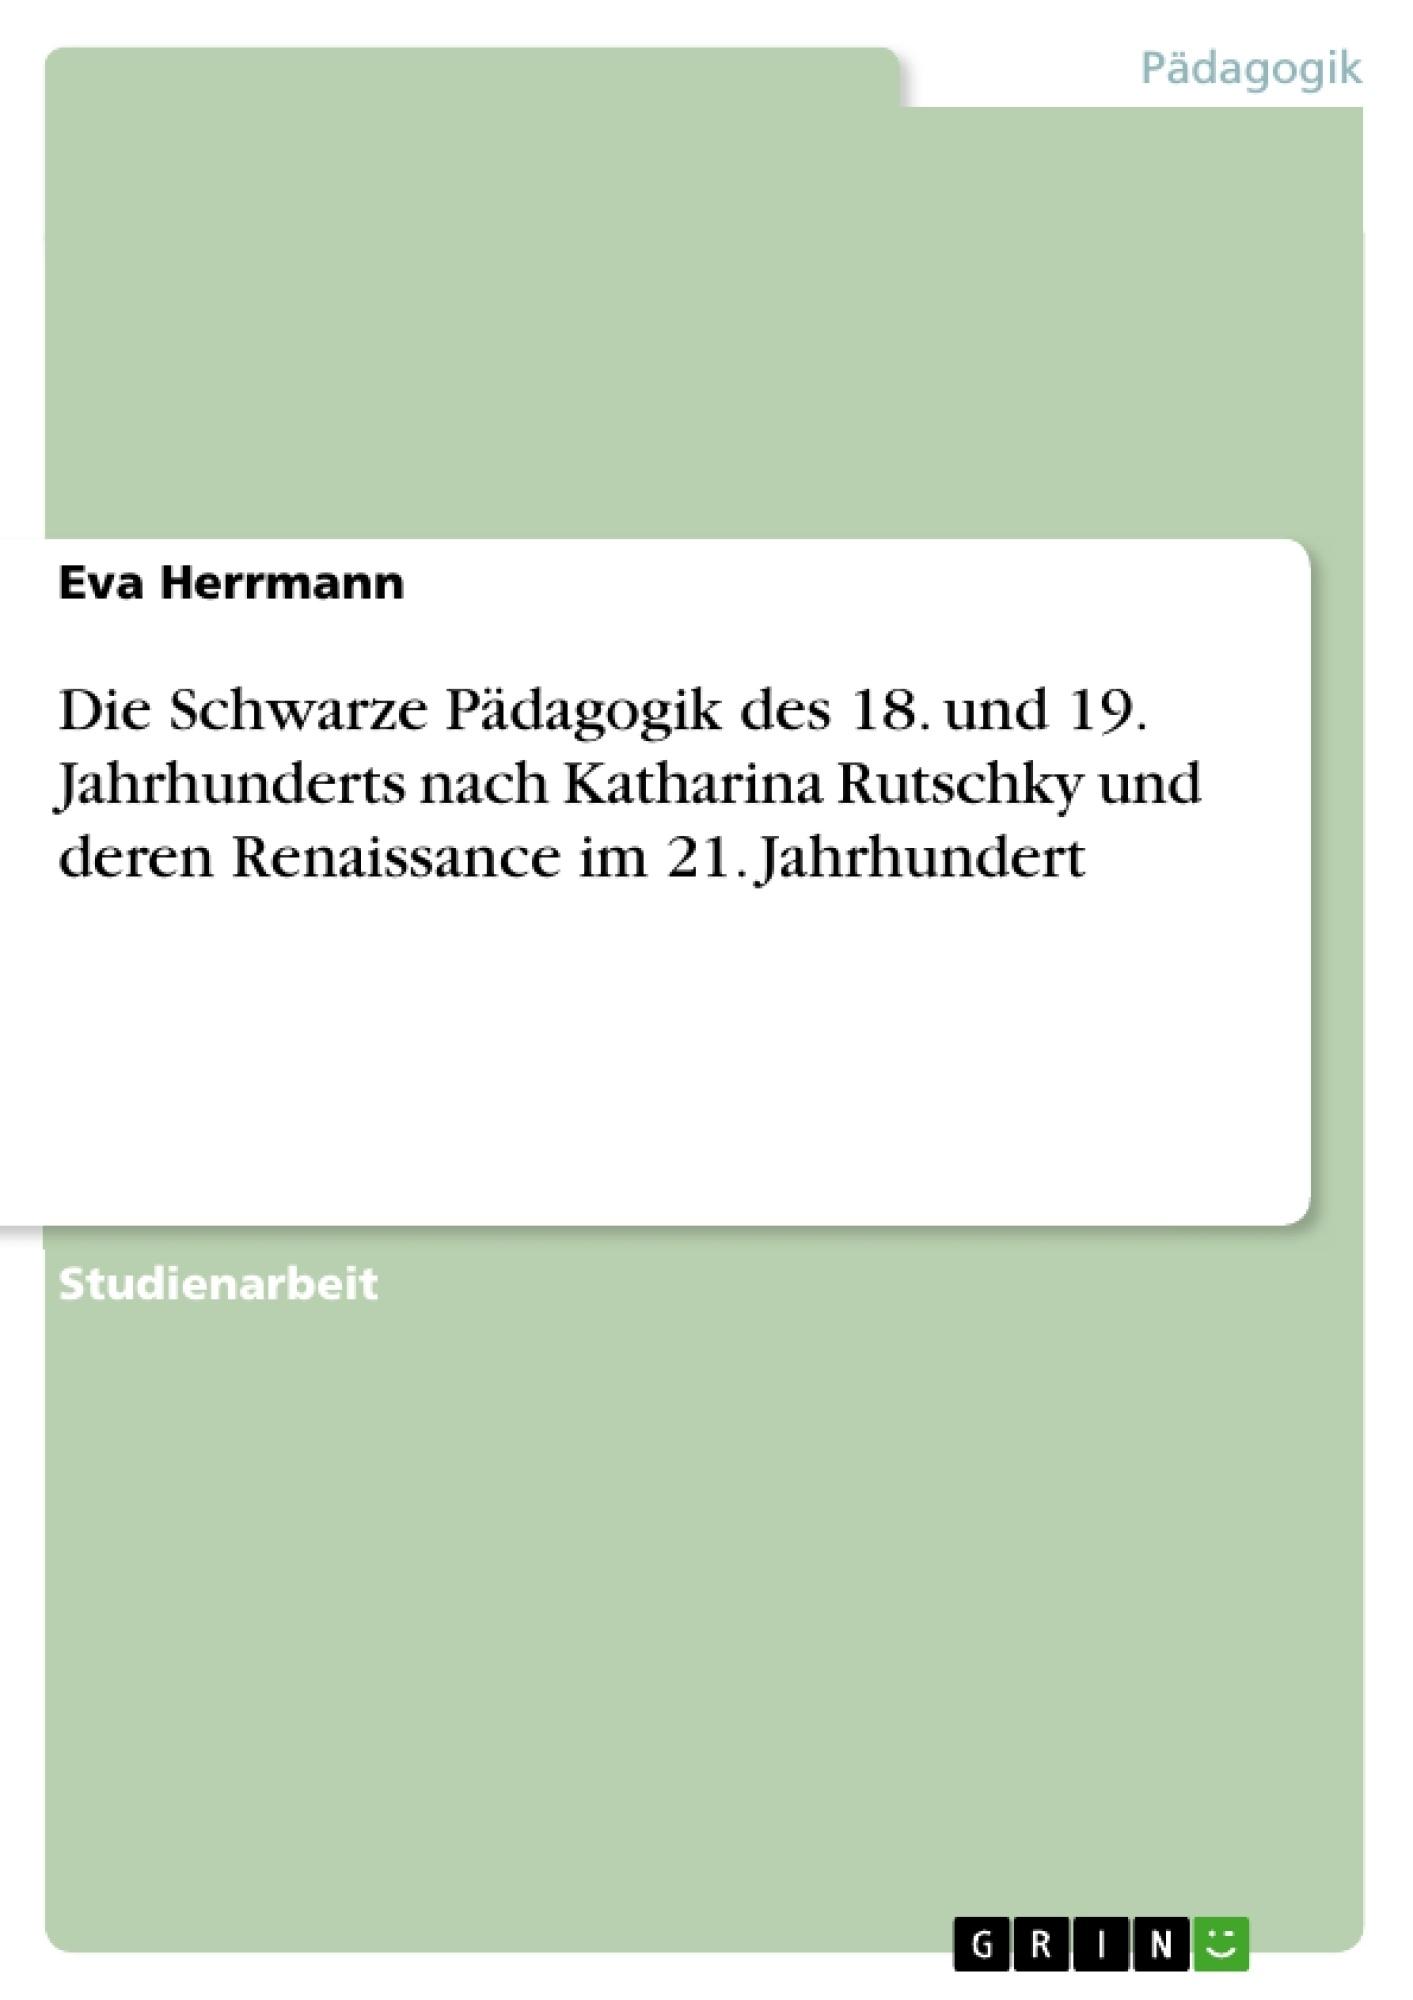 Titel: Die Schwarze Pädagogik des 18. und 19. Jahrhunderts nach Katharina Rutschky und deren Renaissance im 21. Jahrhundert